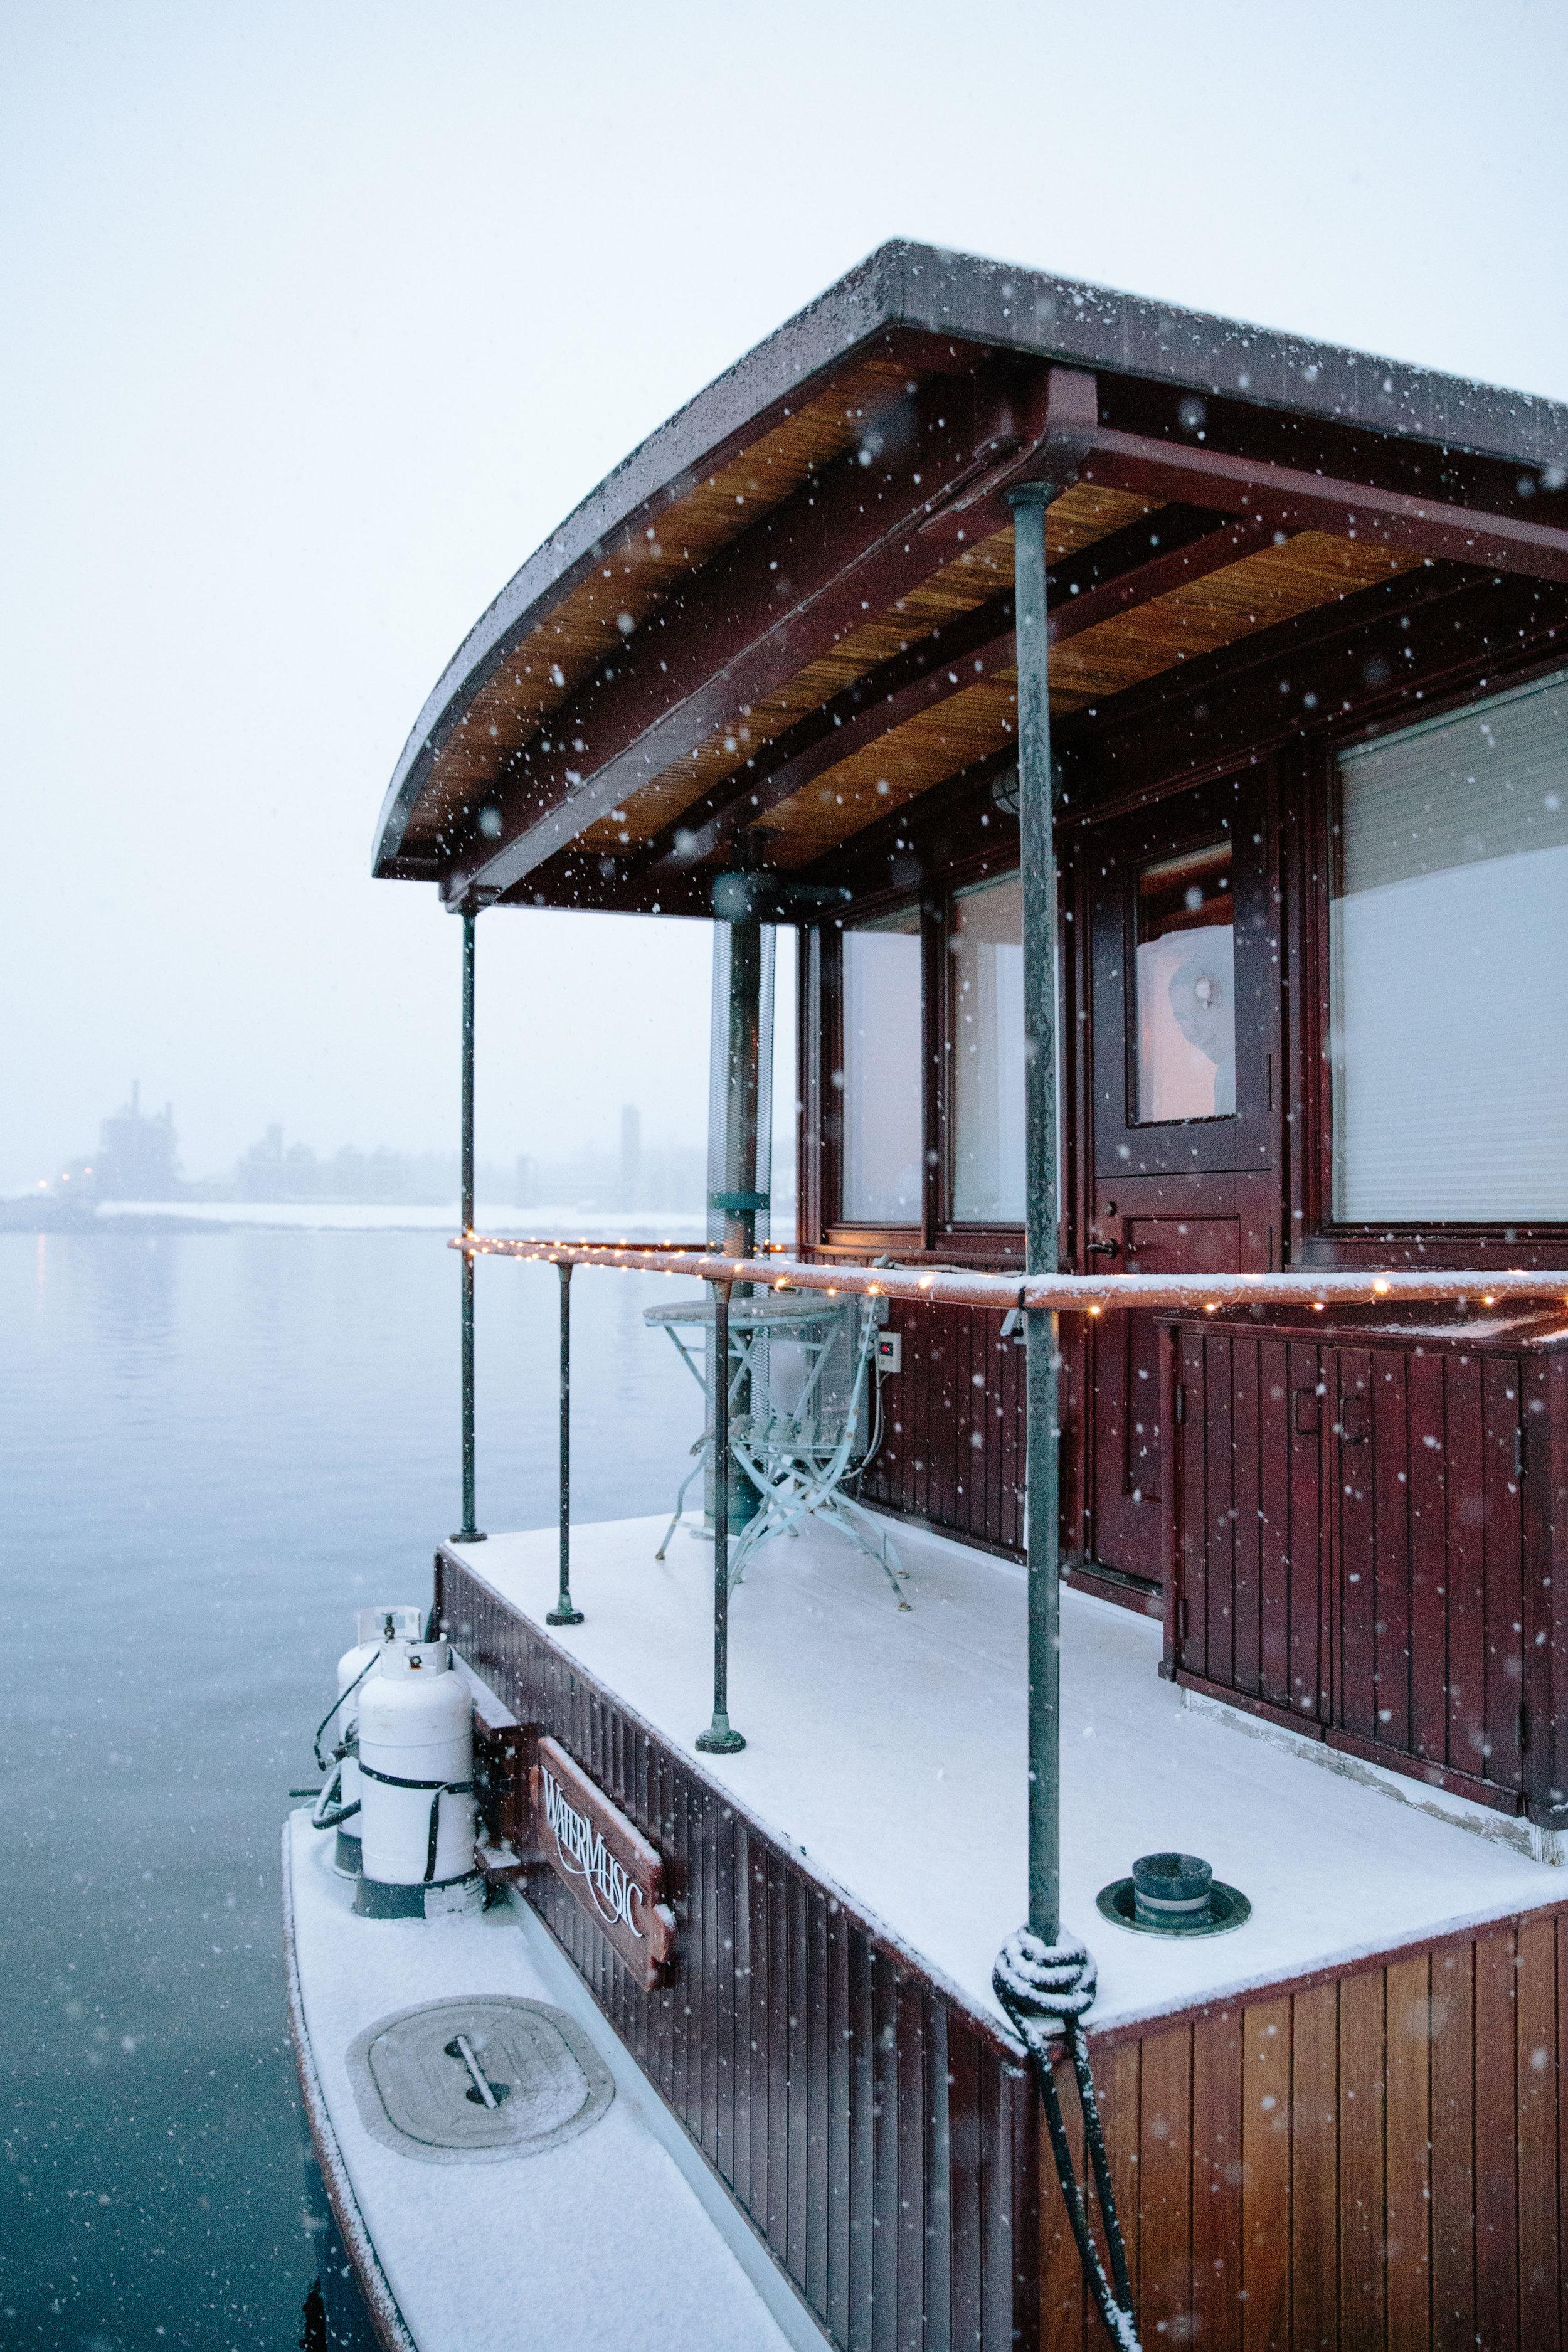 ajwells_houseboat-0006-2.jpg